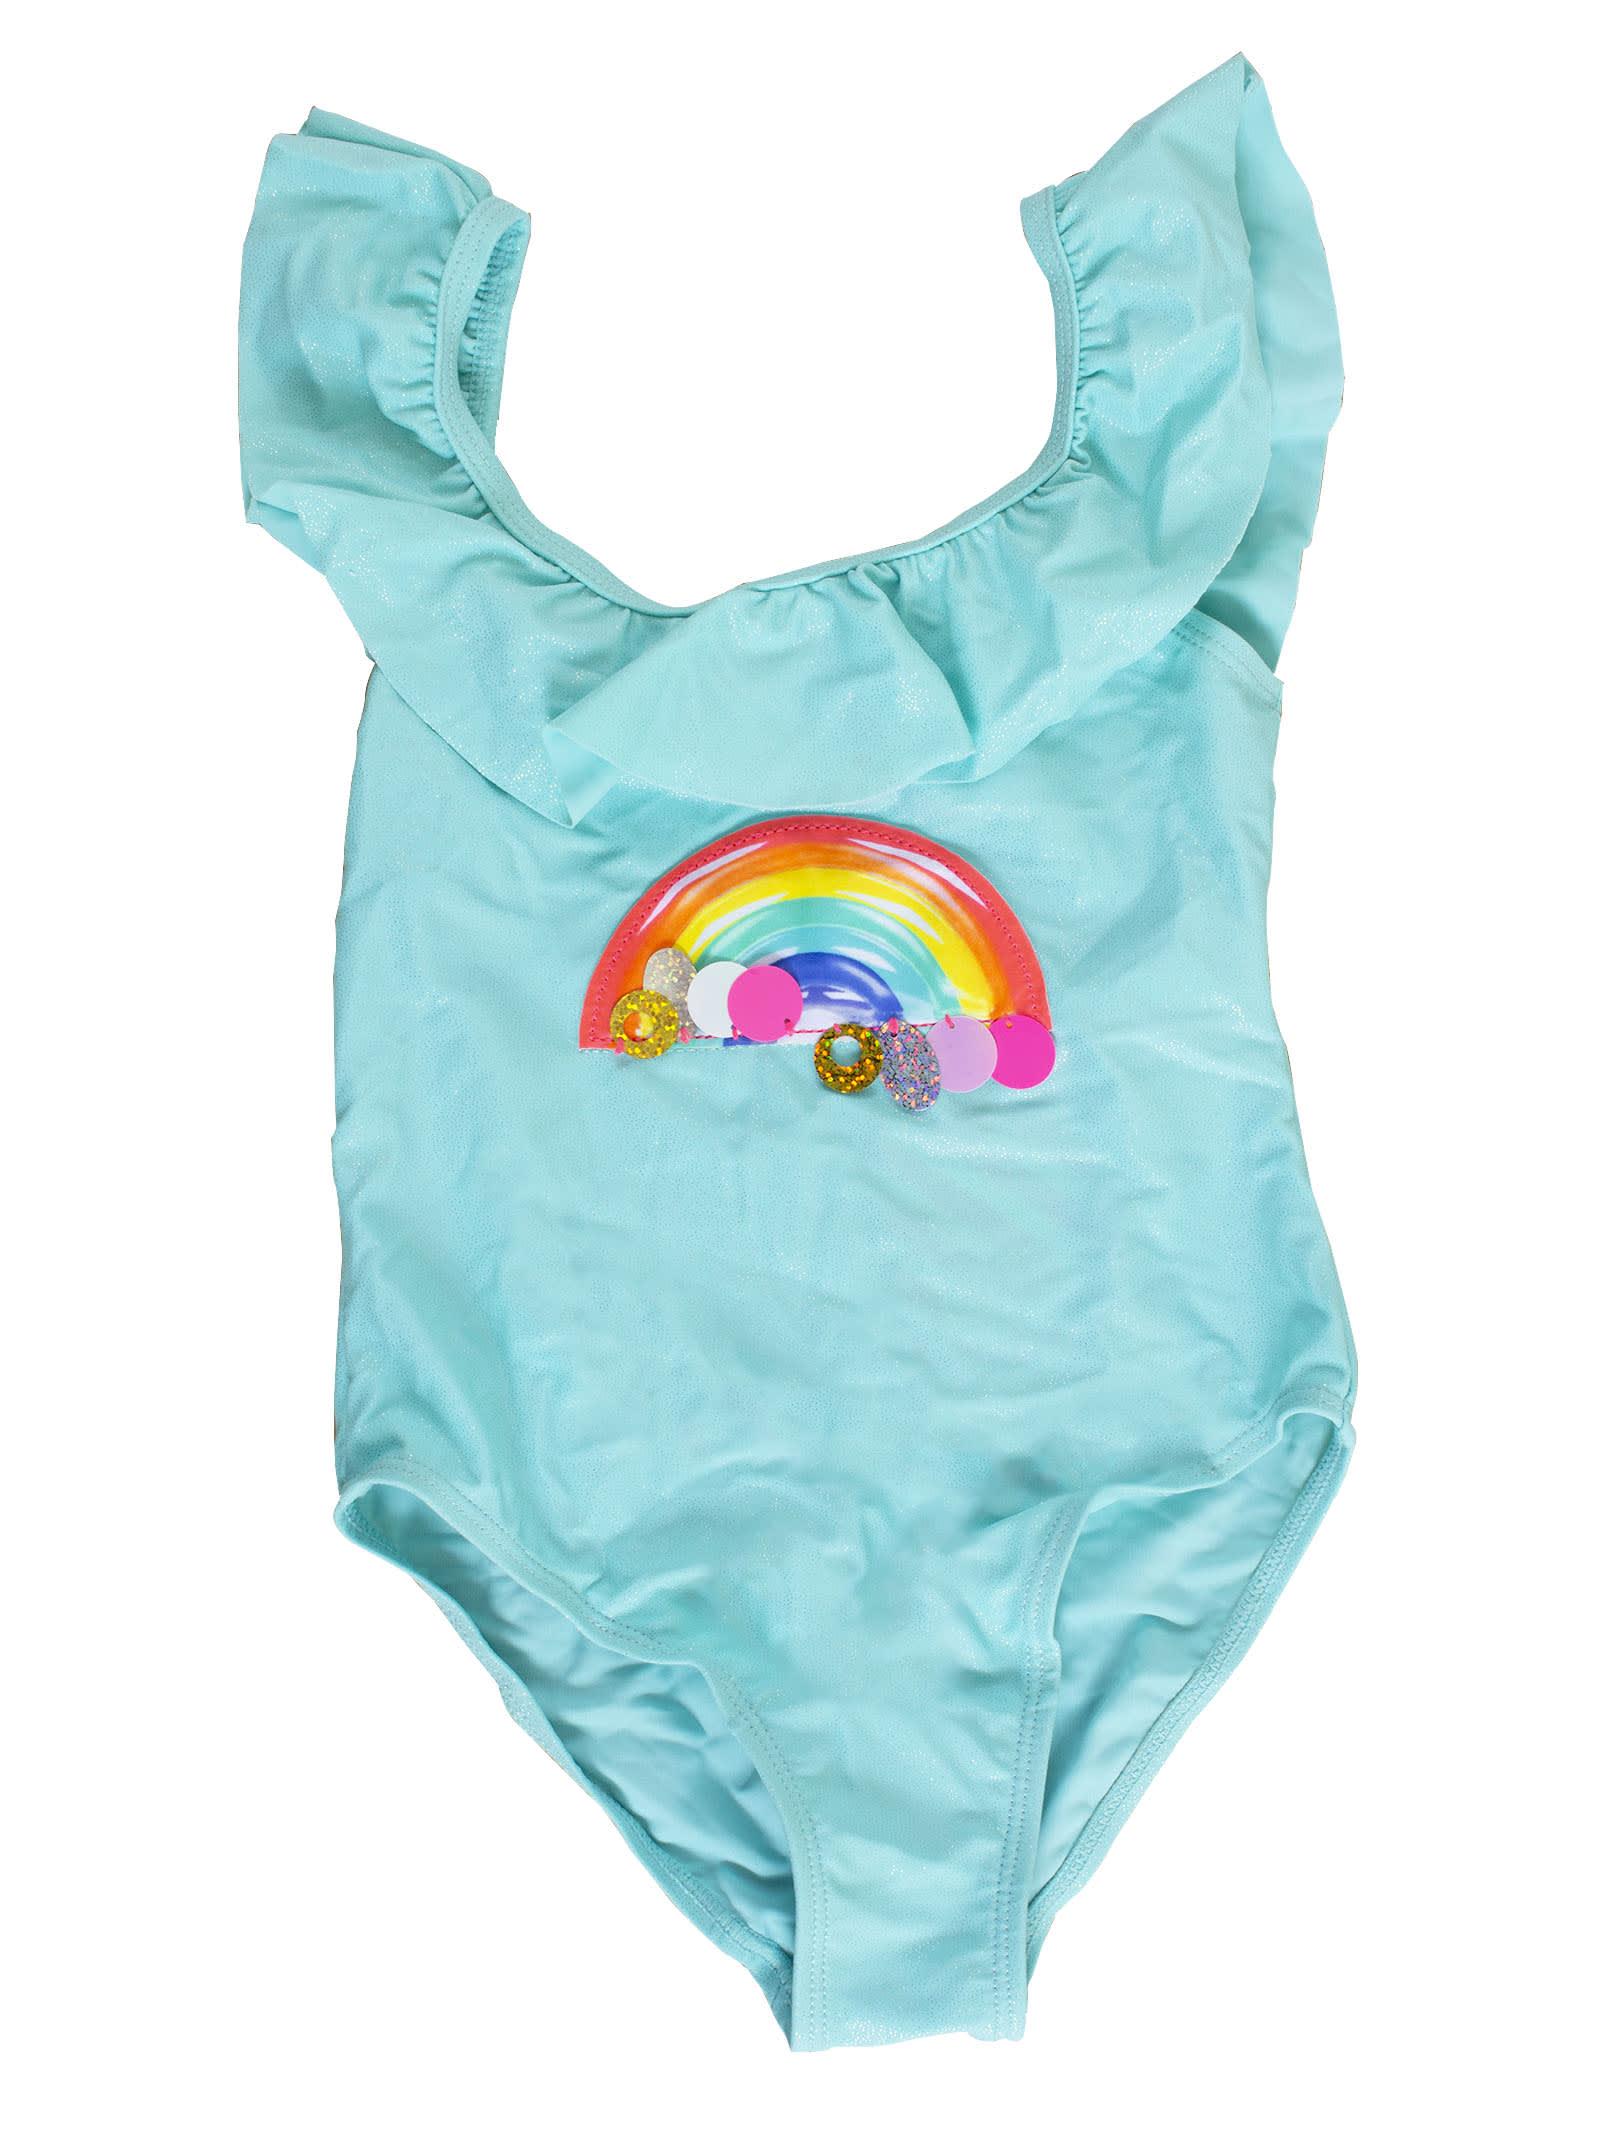 Rainbow Swimsuit